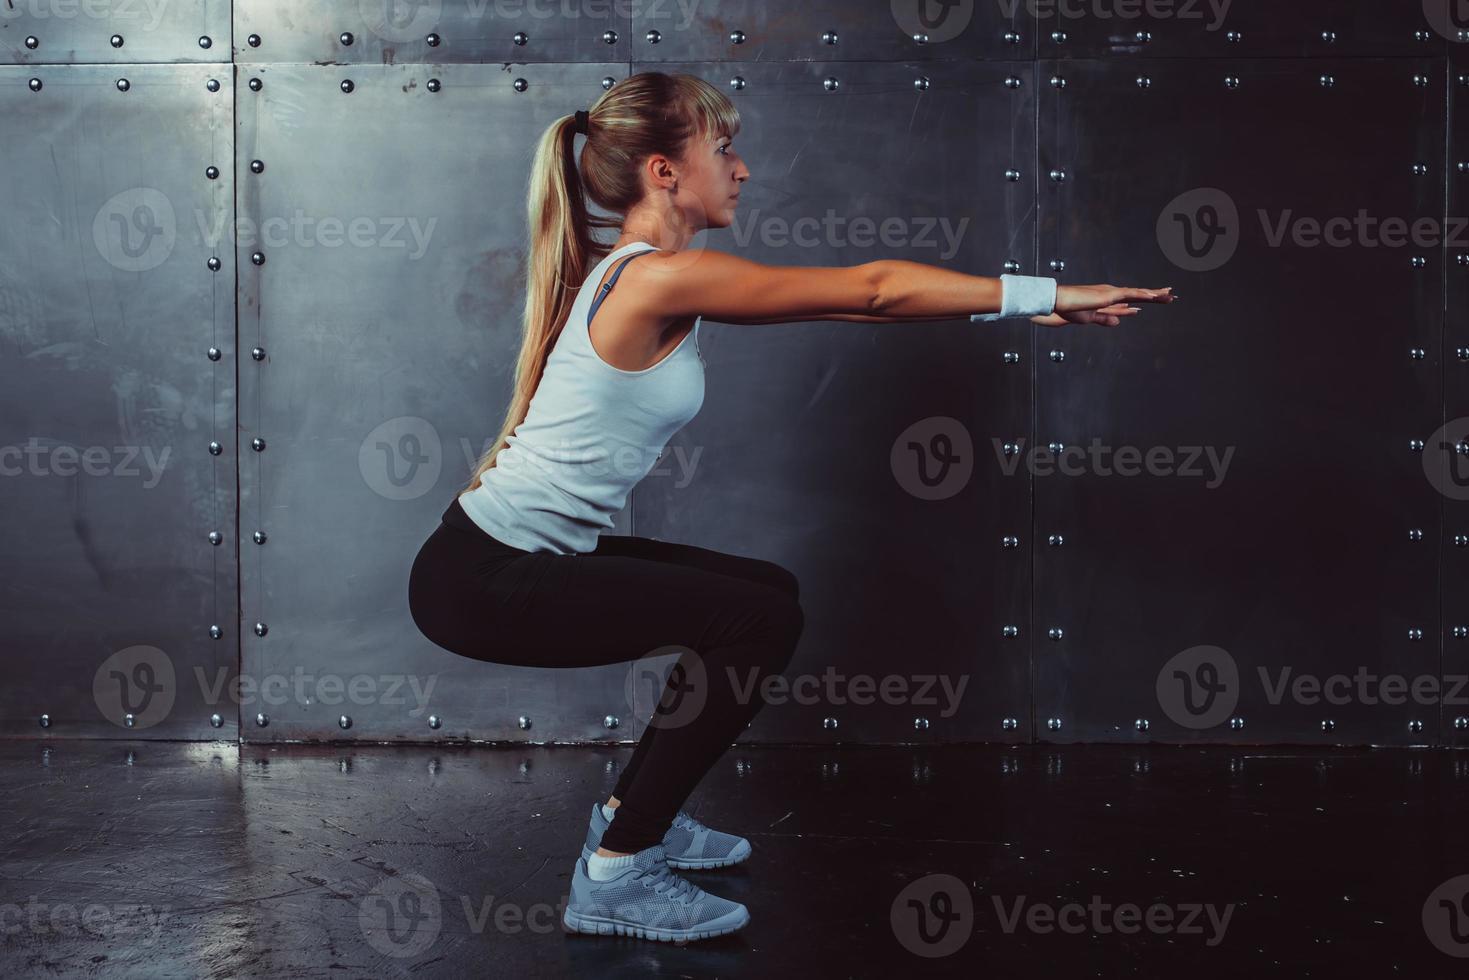 Modelo de fitness atlético joven calentando haciendo sentadillas ejercicio foto